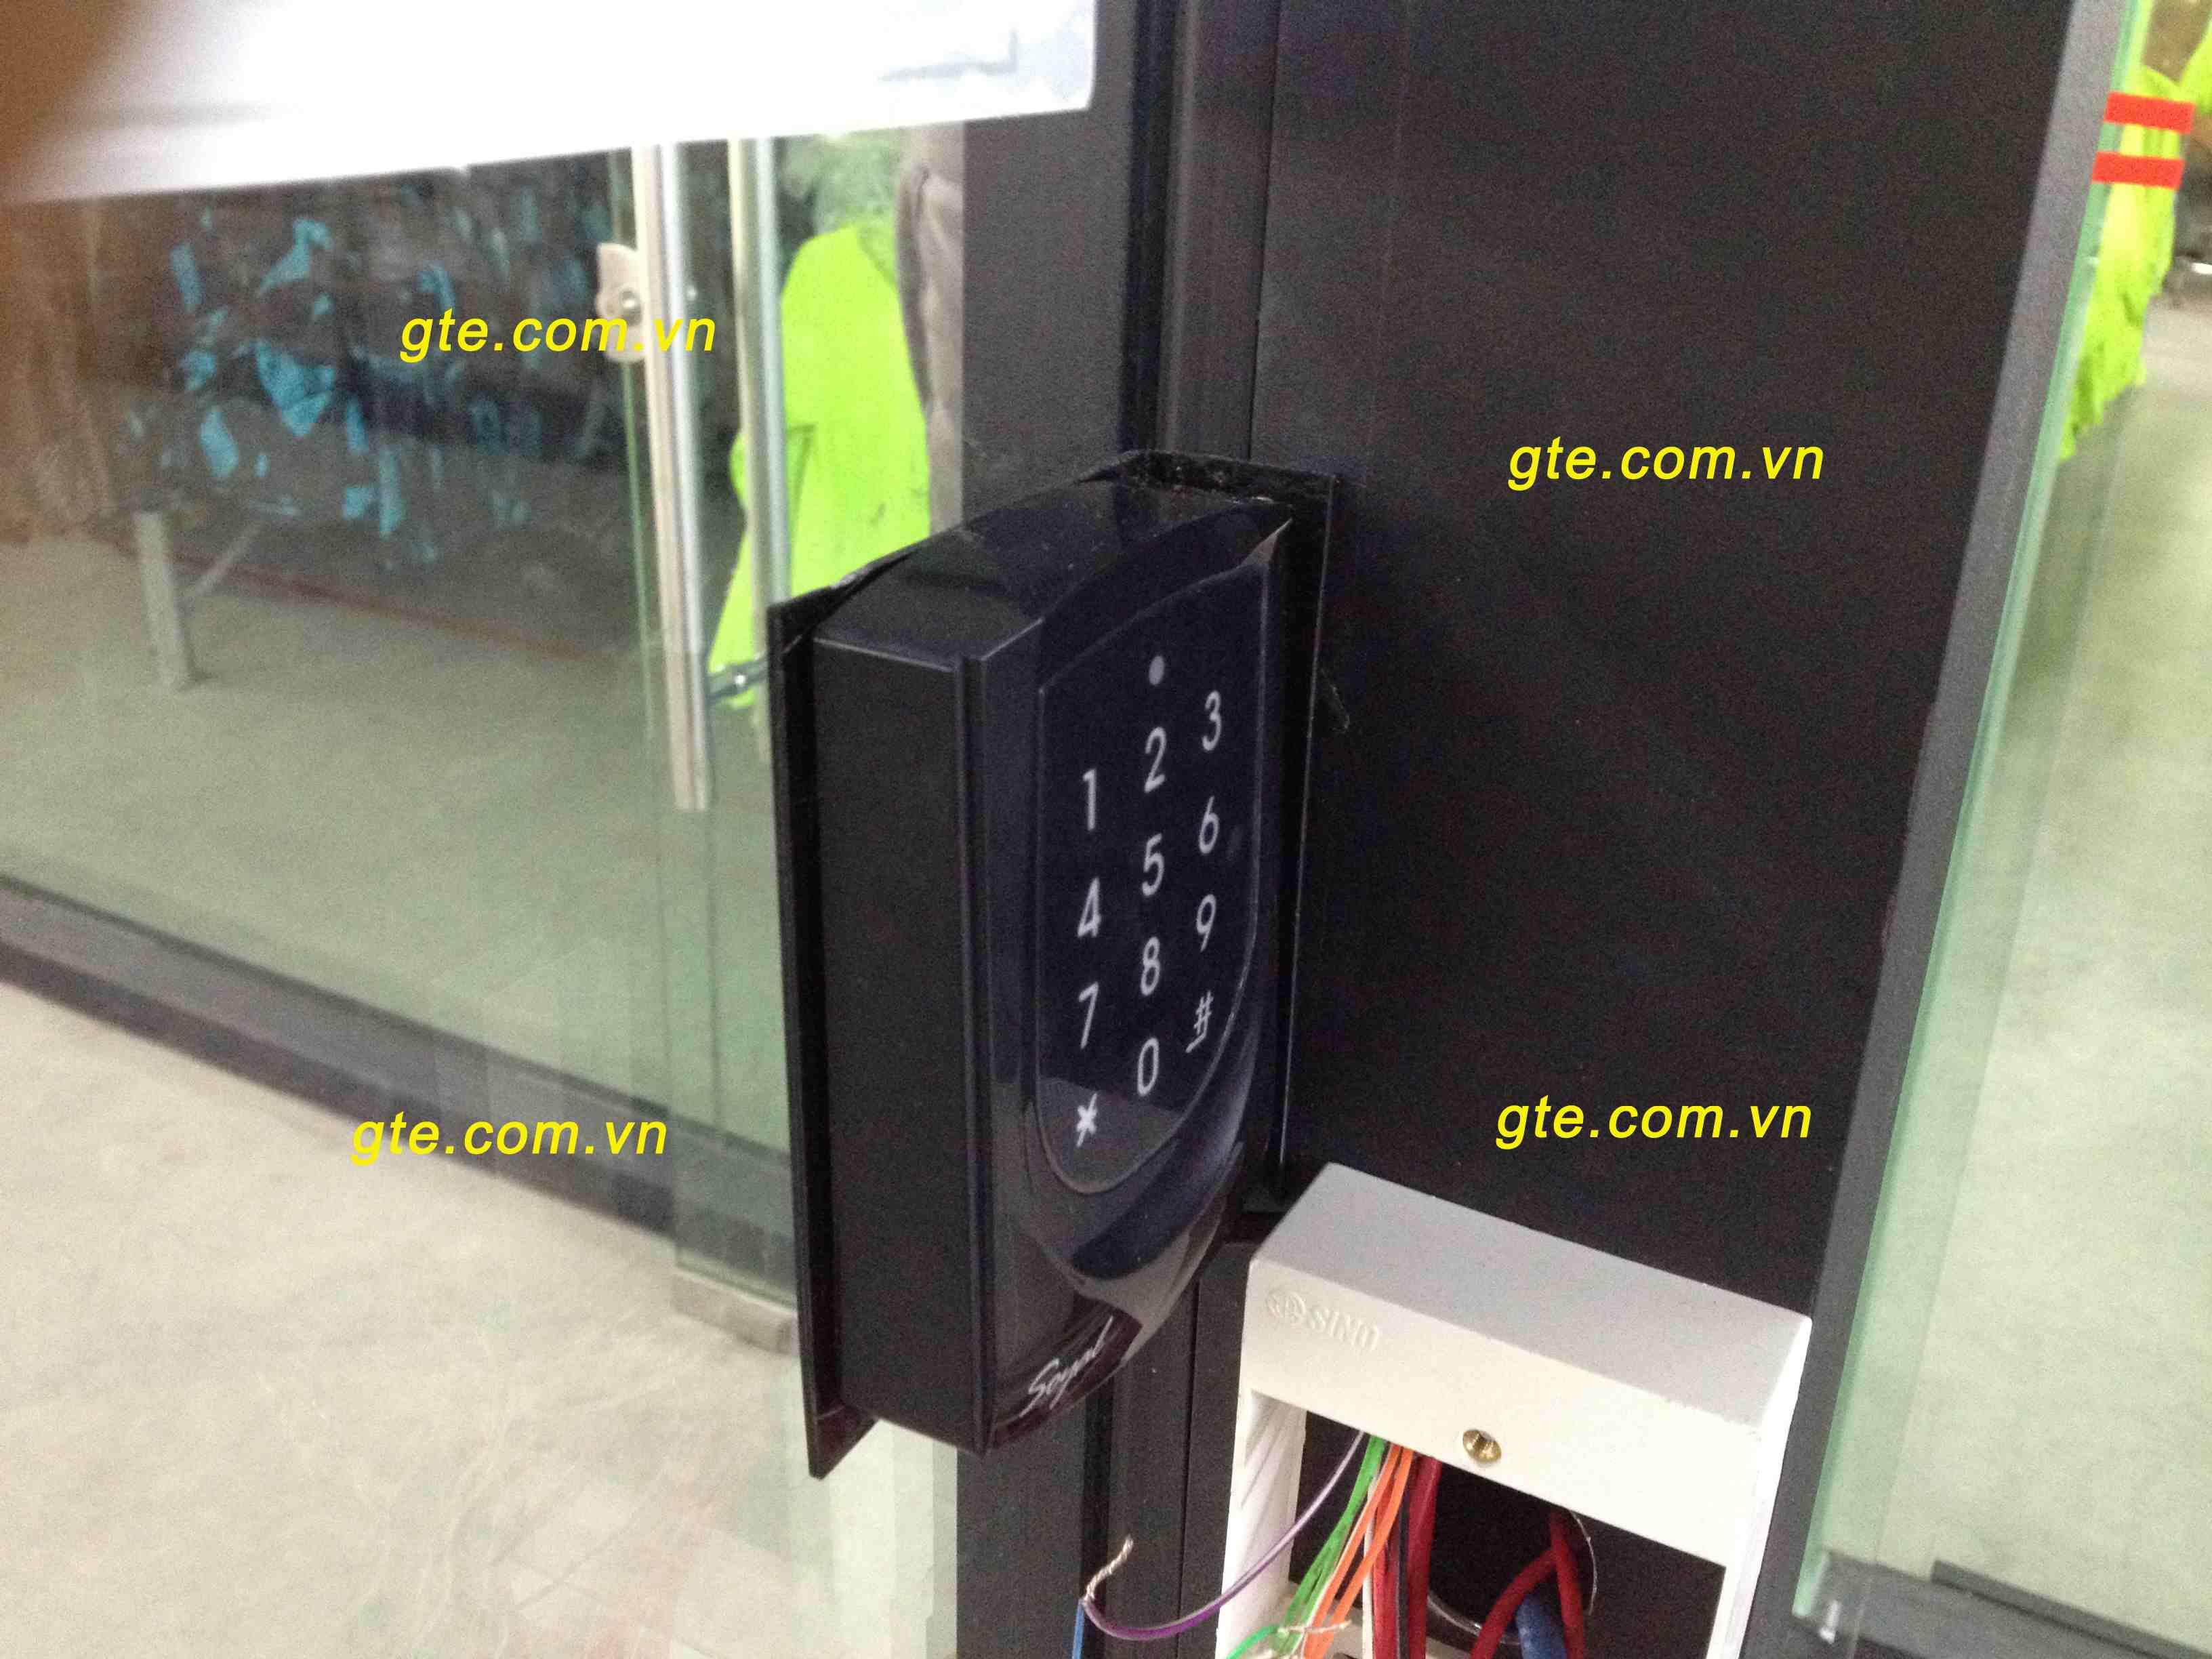 lắp đặt đầu đọc thẻ kiểm soát cửa